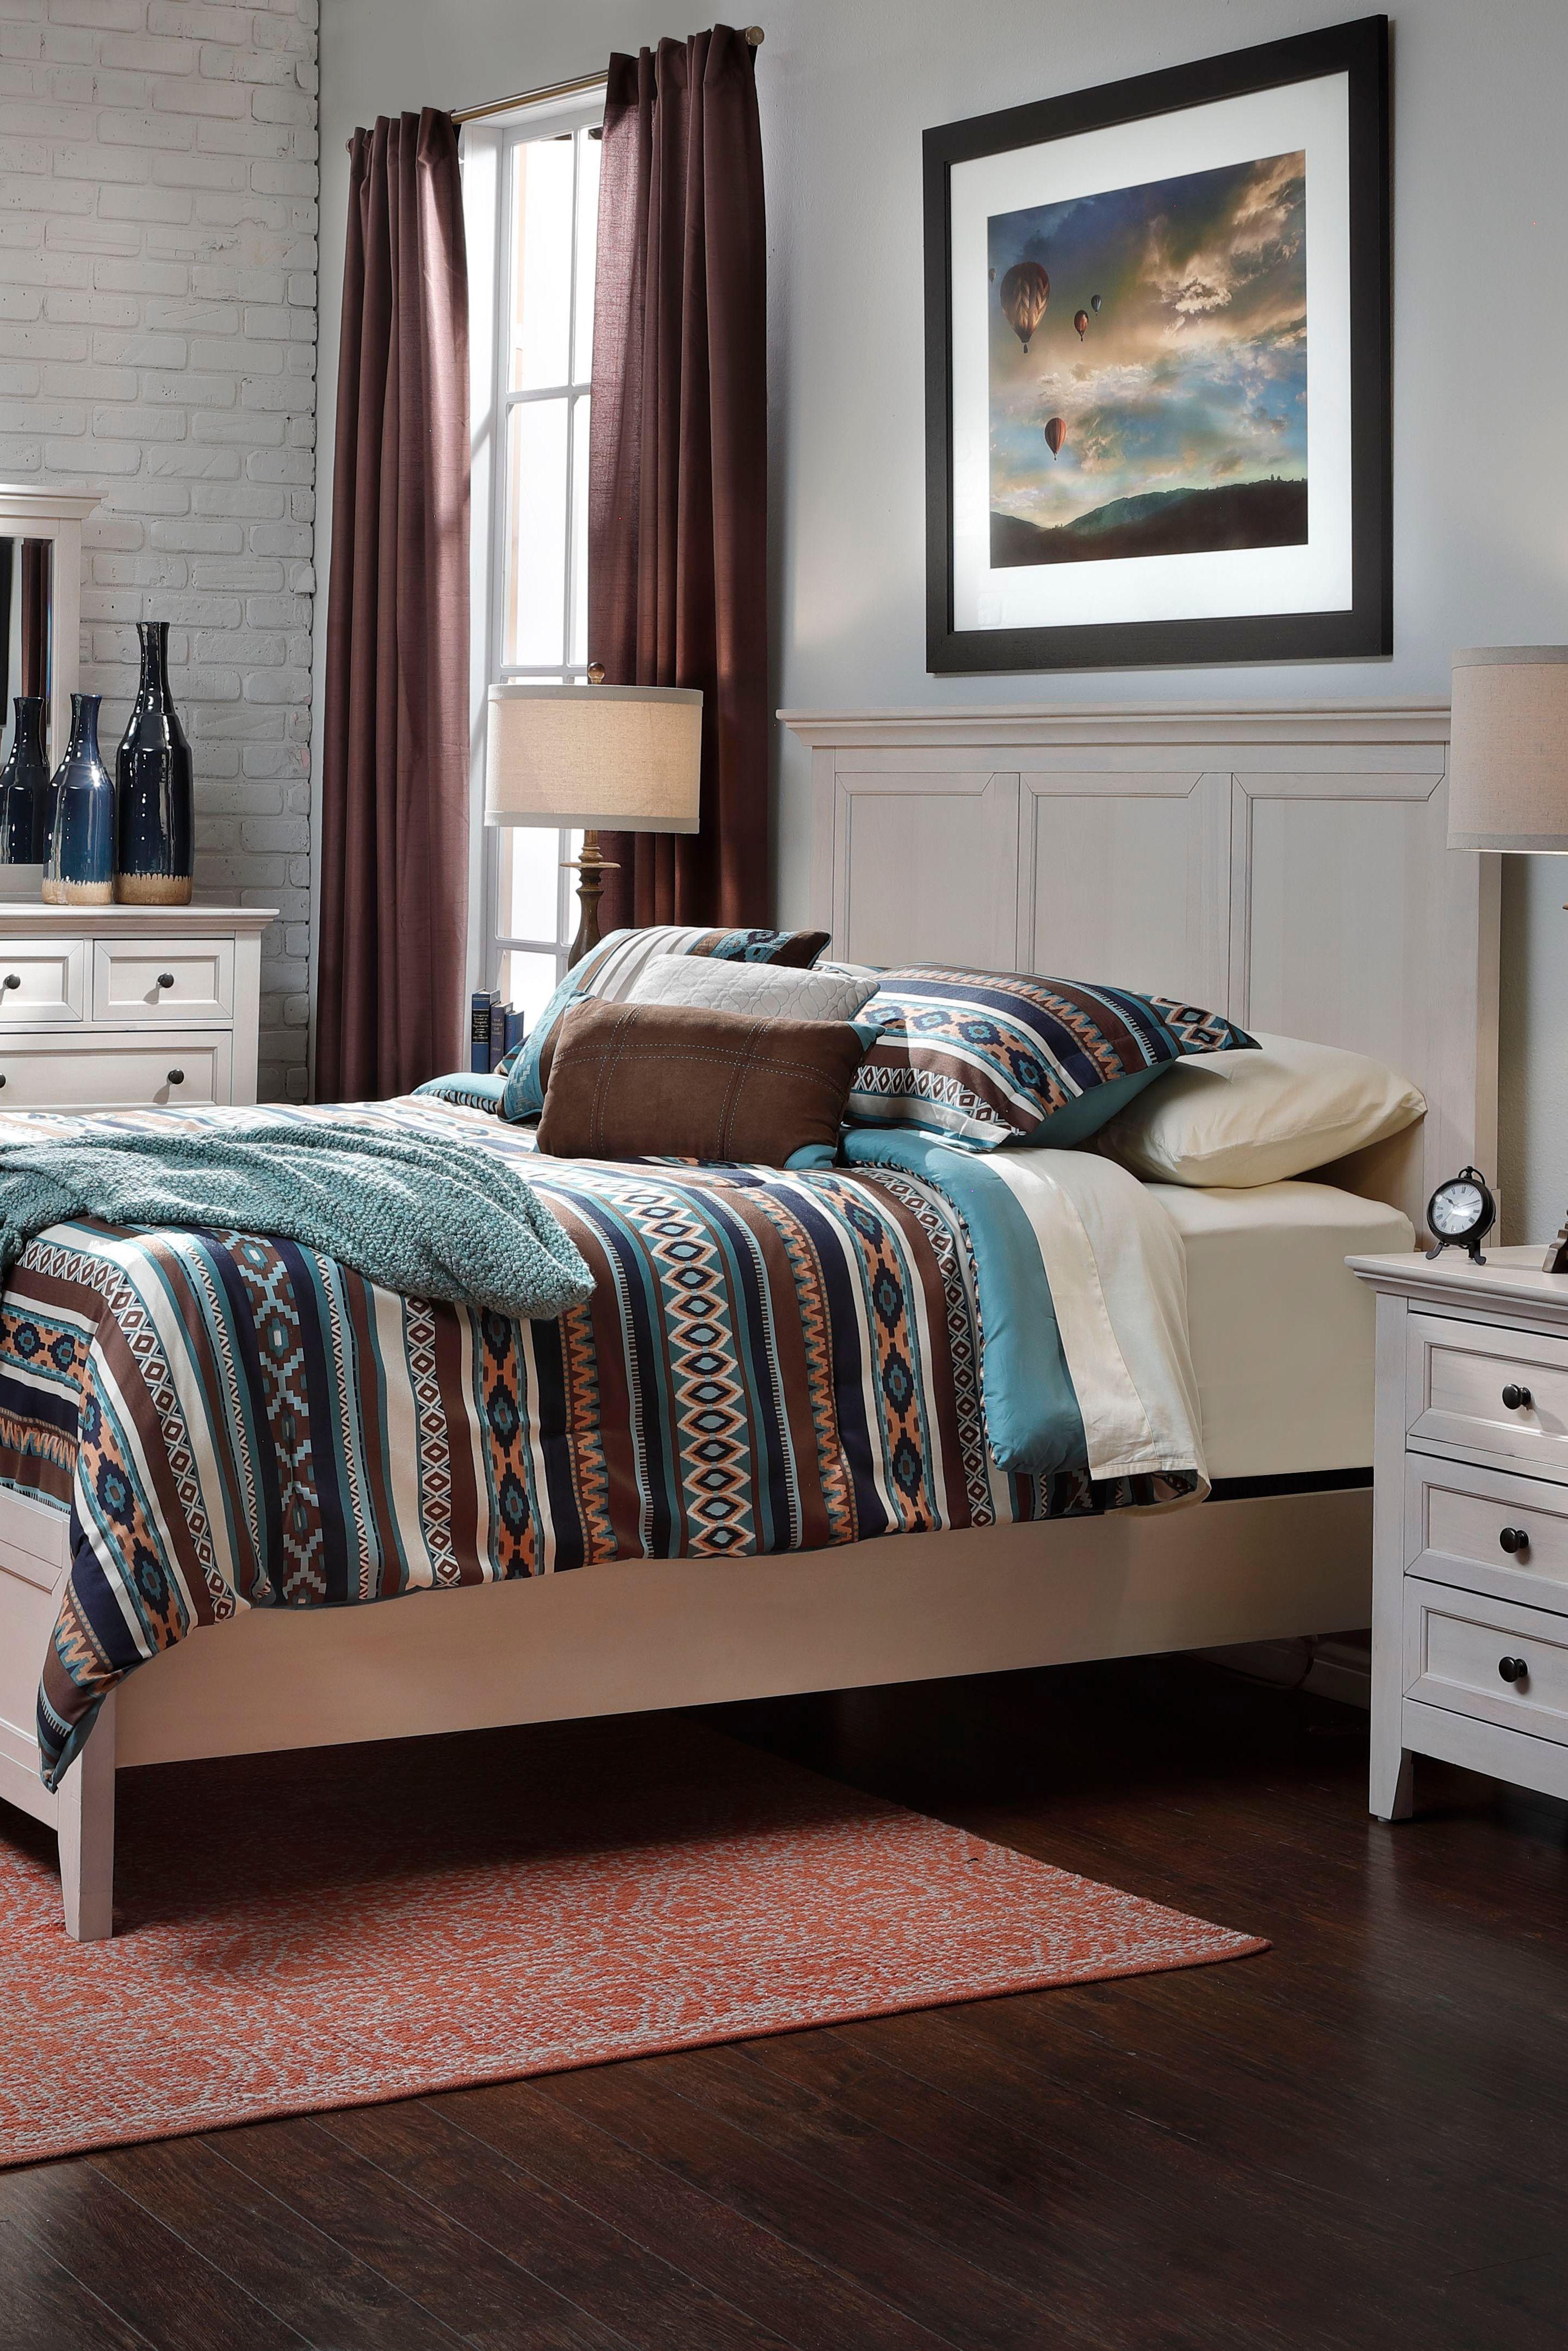 Bonn Panel Bed Panel bed, Furniture, Bed